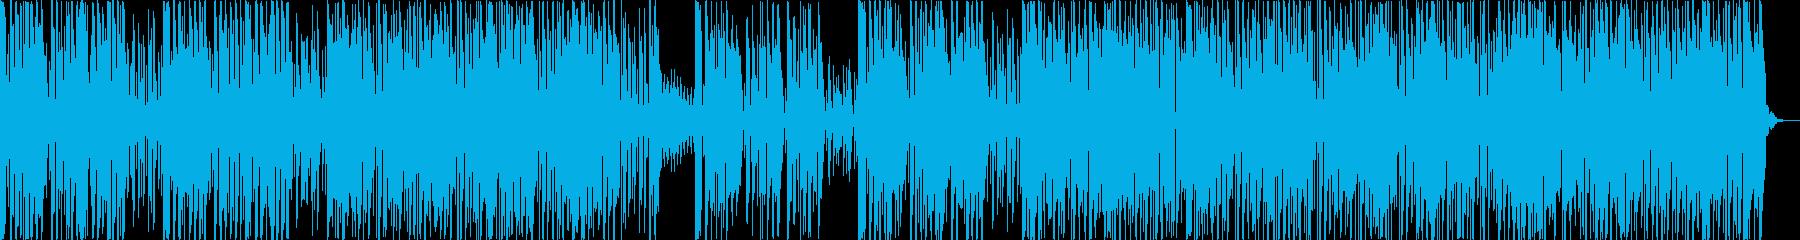 クールなファンクセッションの再生済みの波形